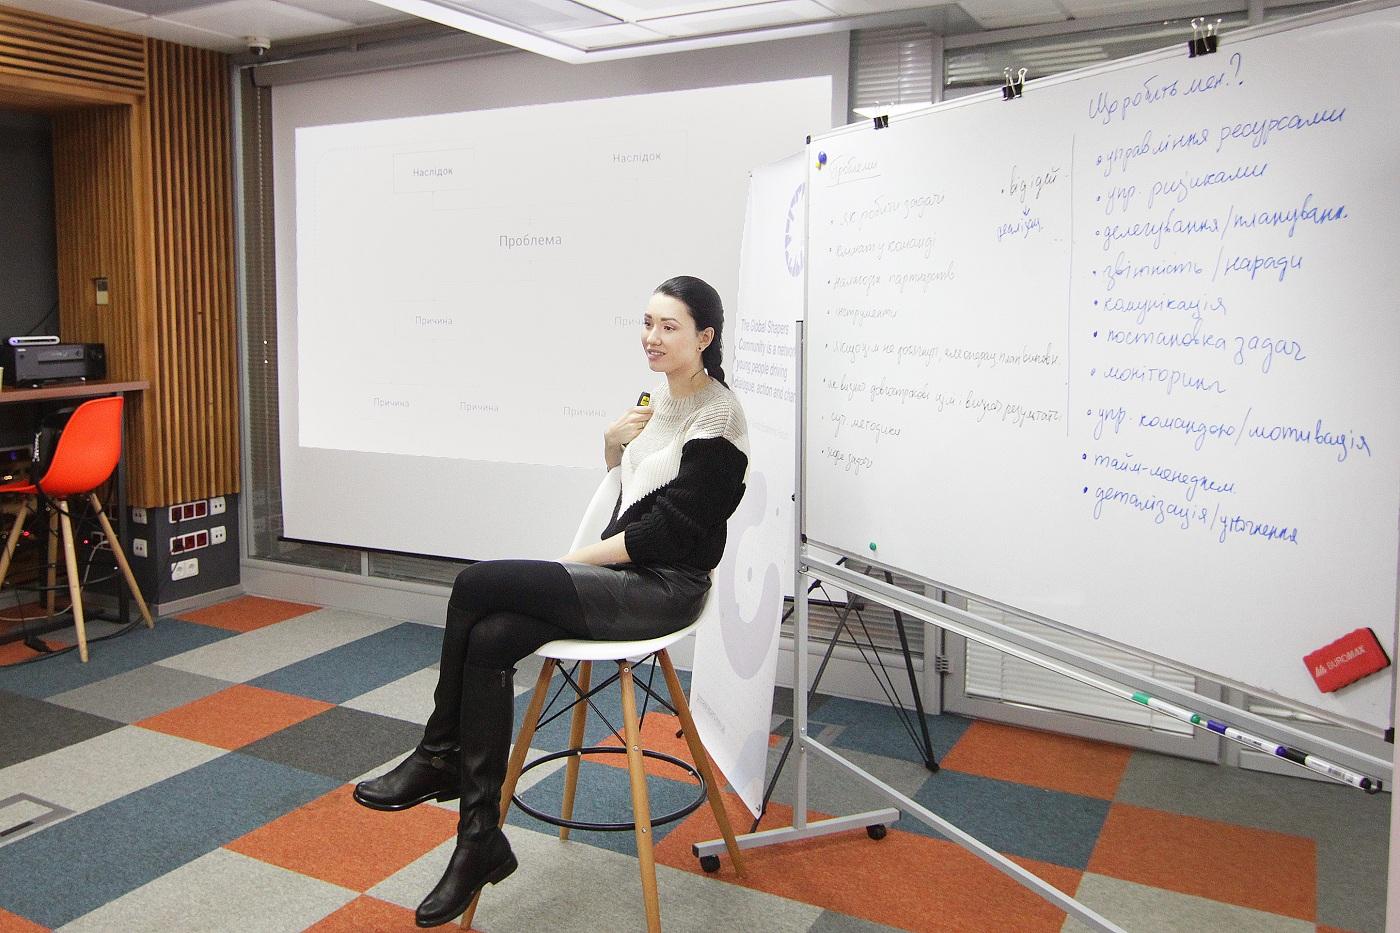 Як у бізнесі використати менеджмент, SMM та безкоштовний піар — поради з Pro Bono Week